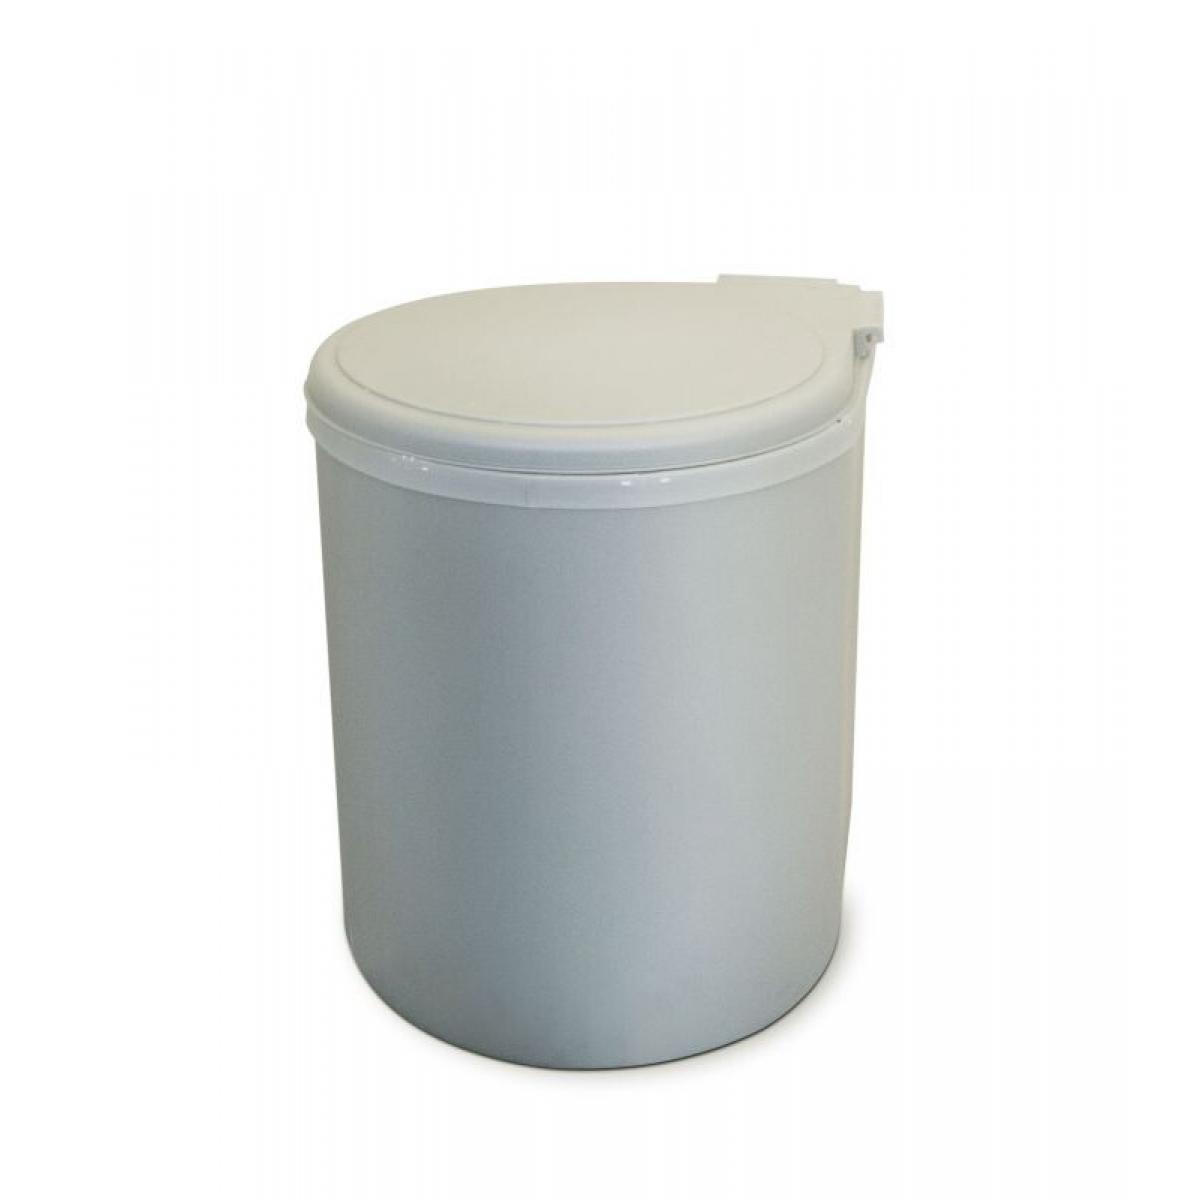 Ведро Clean Bin, 13л, пластик, цвет: серый